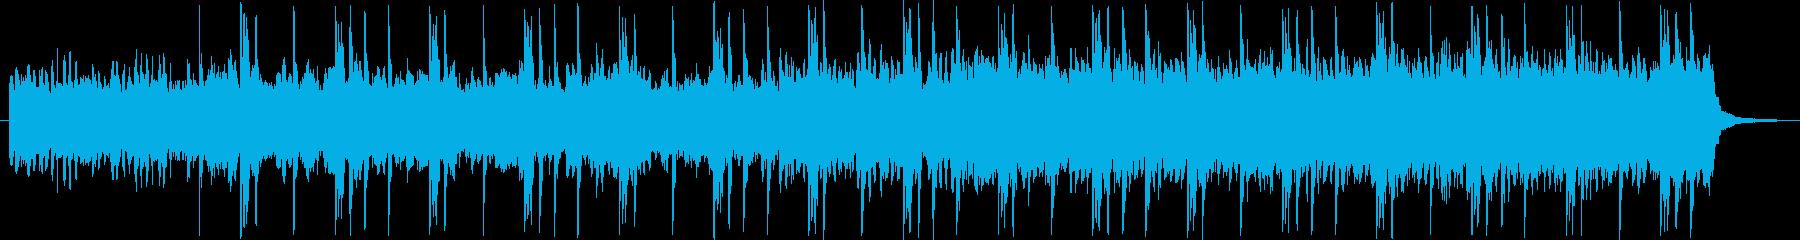 暗い感じのシンセの楽曲の再生済みの波形